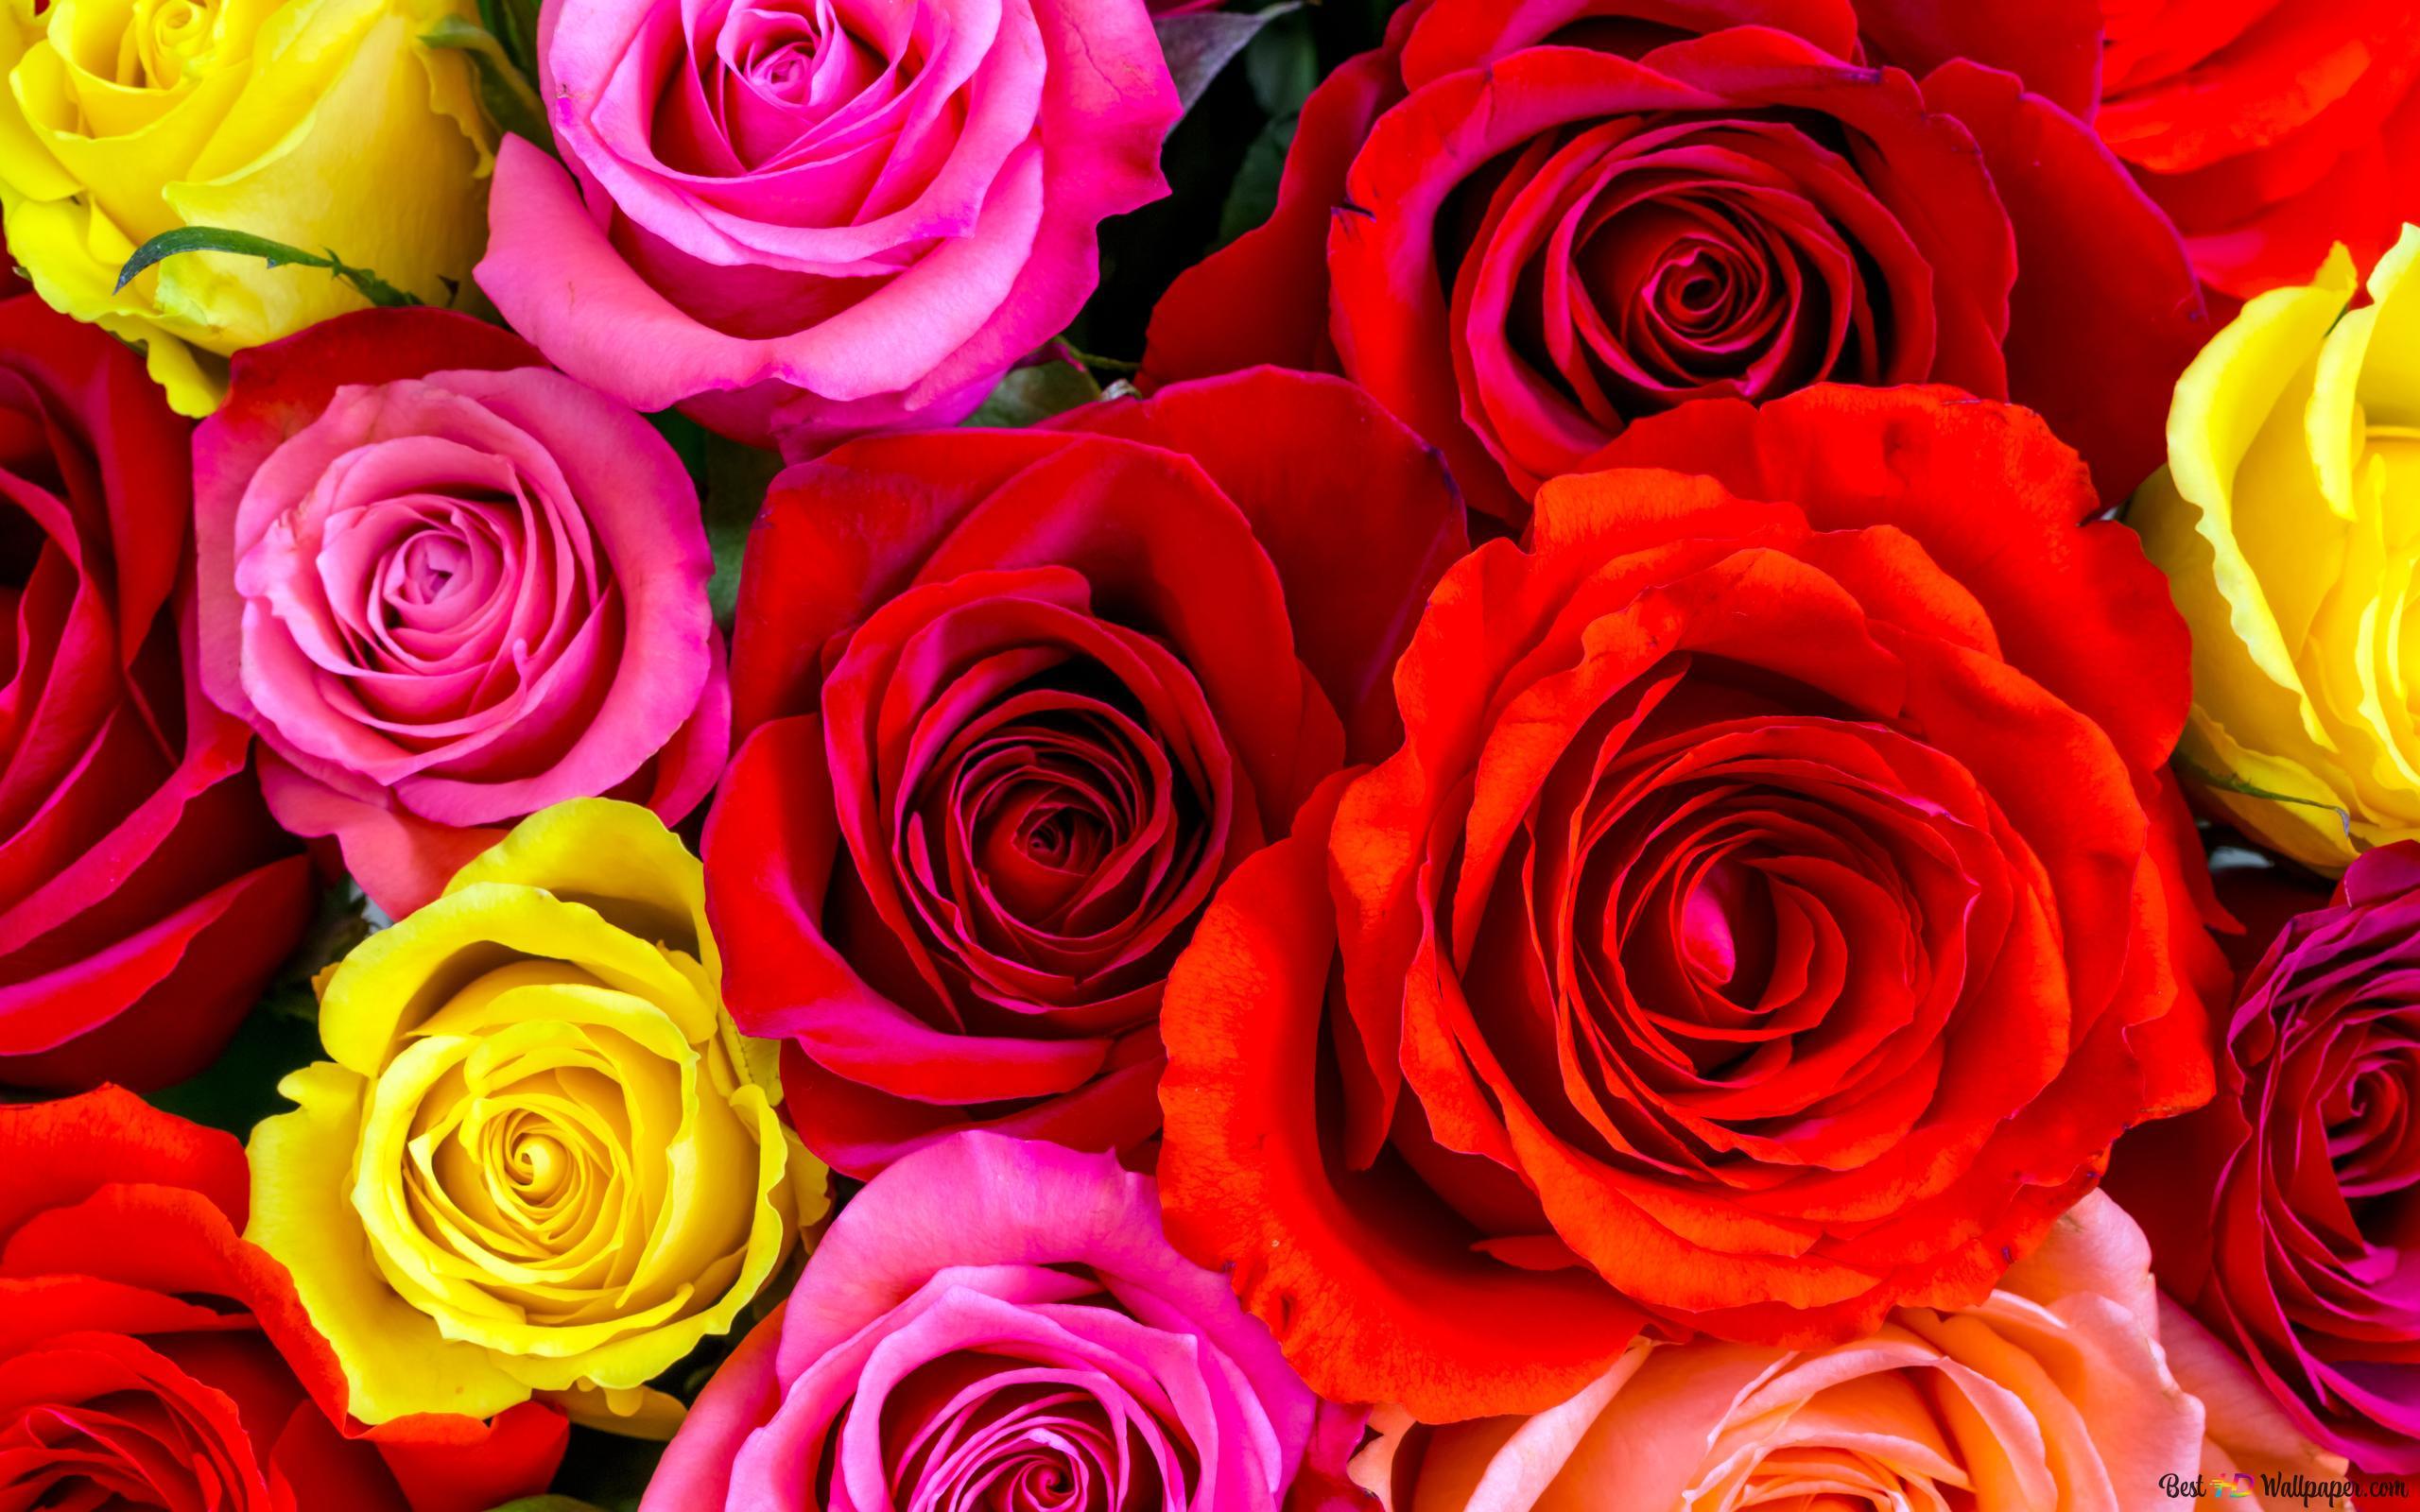 Rose Hd Wallpaper Download